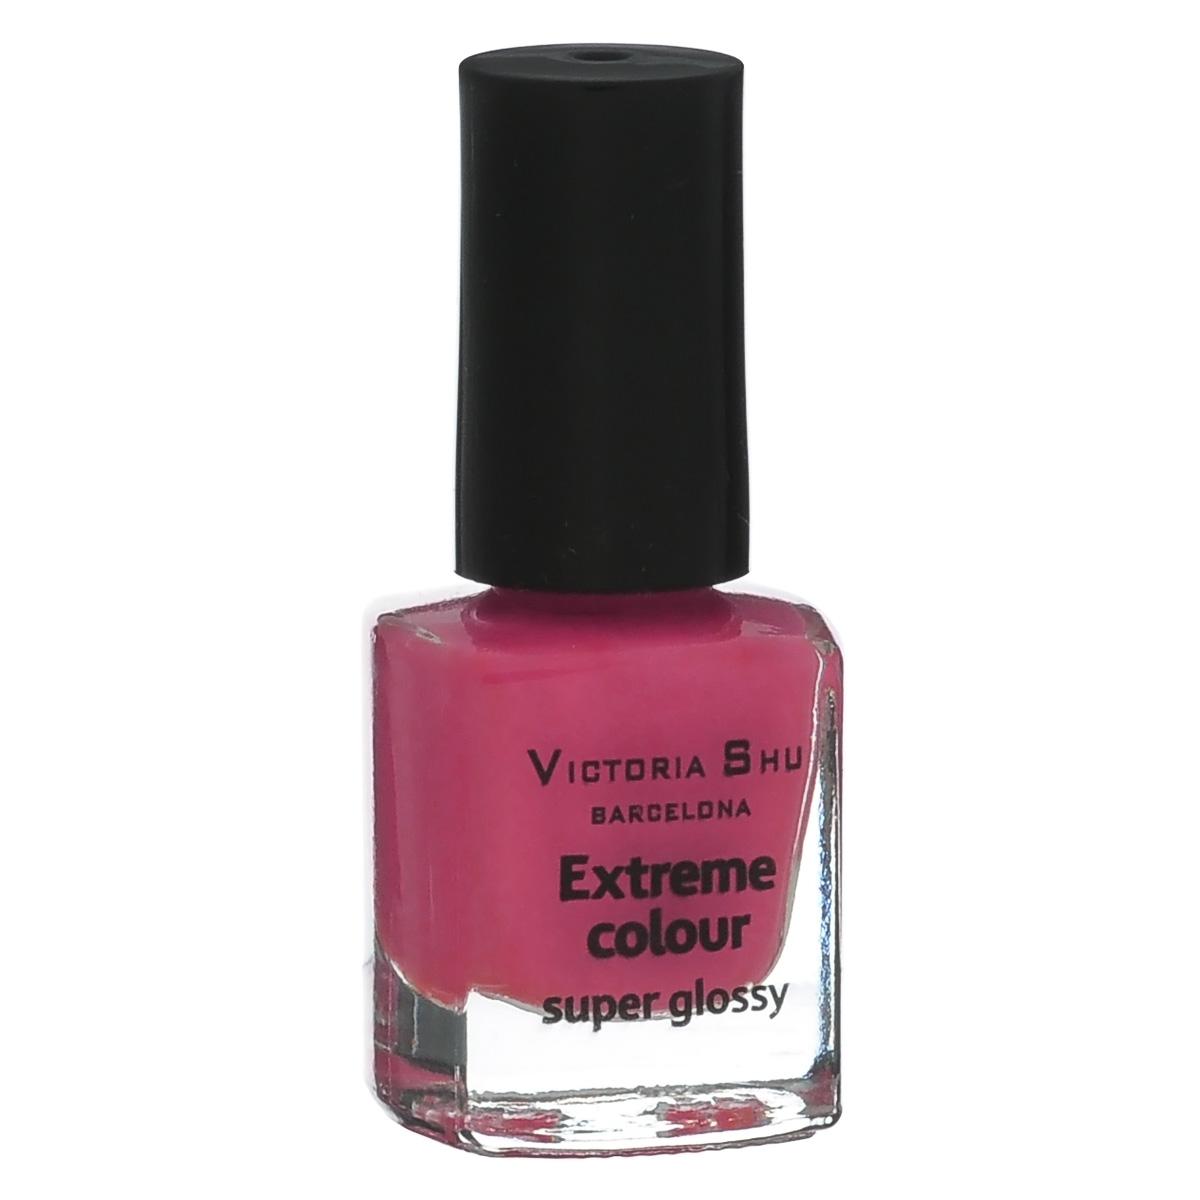 Victoria Shu Лак для ногтей Extreme Colour, тон № 251, 6 мл602V15184EXTREME COLOUR от VICTORIA SHU – это 35 ярких, смелых, соблазнительных оттенков. Модный тренд – матовая, насыщенная текстура. Любые цвета – на любой вкус, от нежных пастельных, интенсивных супермодных оранжевых, лиловых и оттенков фуксии до сенсационных красного и черного.